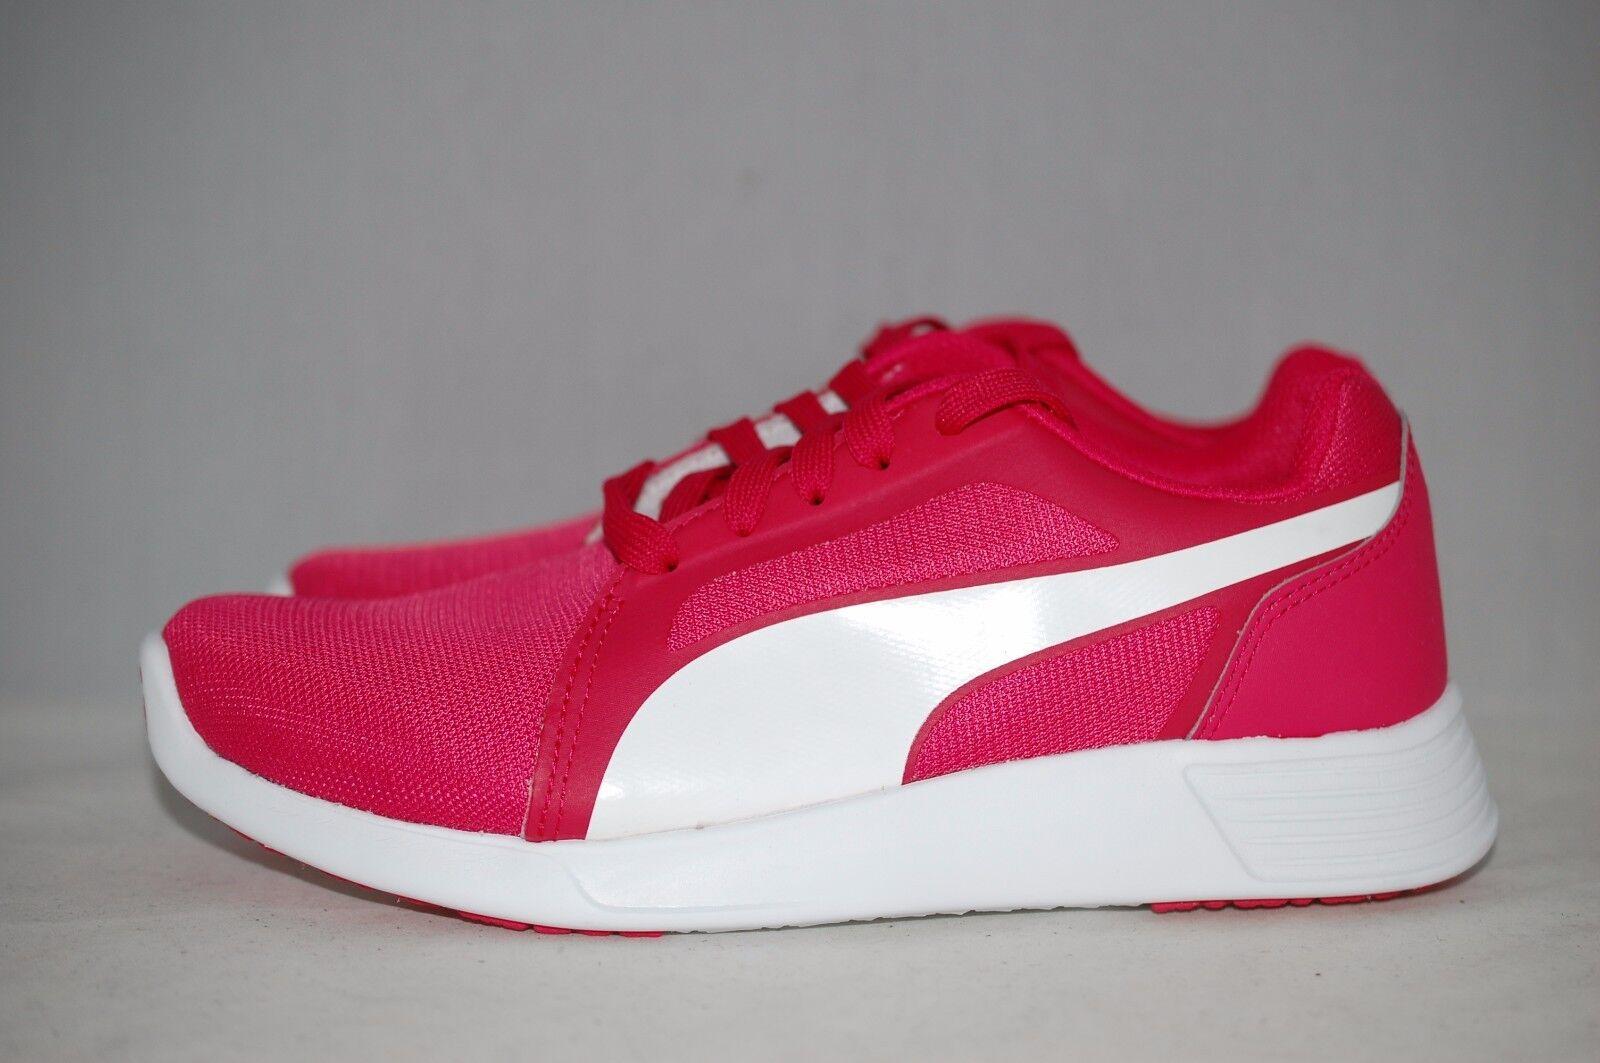 Puma st trainer evo rosa bianca in formazione da ginnastica scarpe 8 usa / ue / 5.5uk 38,5